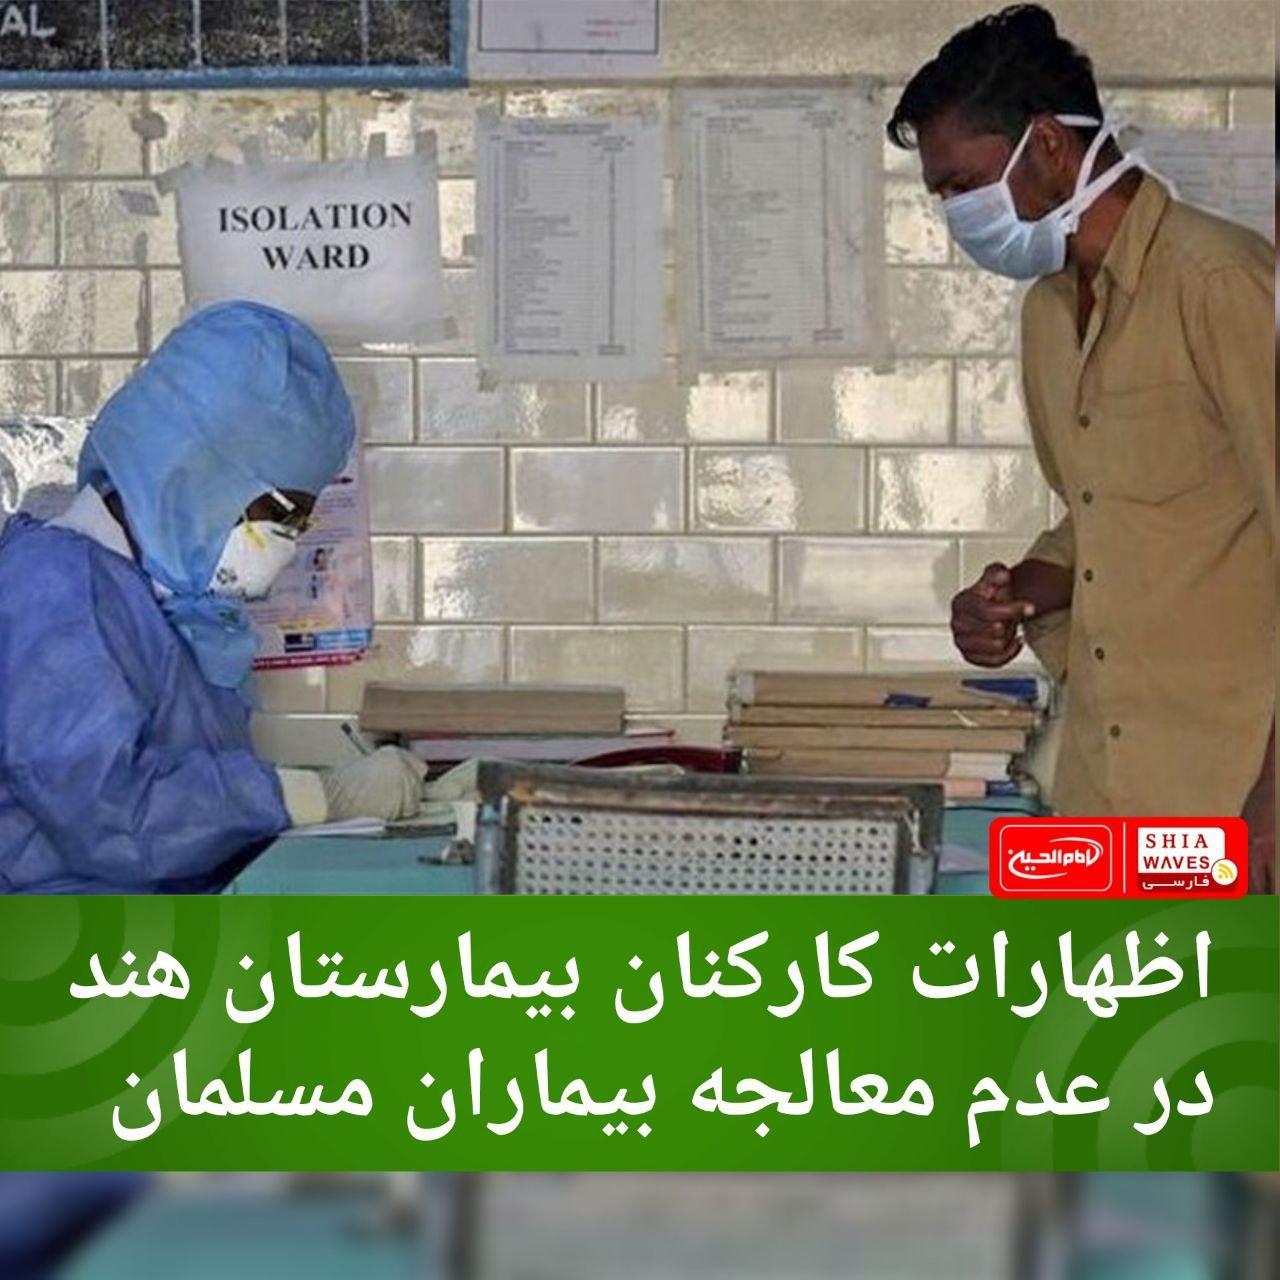 تصویر اظهارات کارکنان بیمارستان هند در عدم معالجه بیماران مسلمان